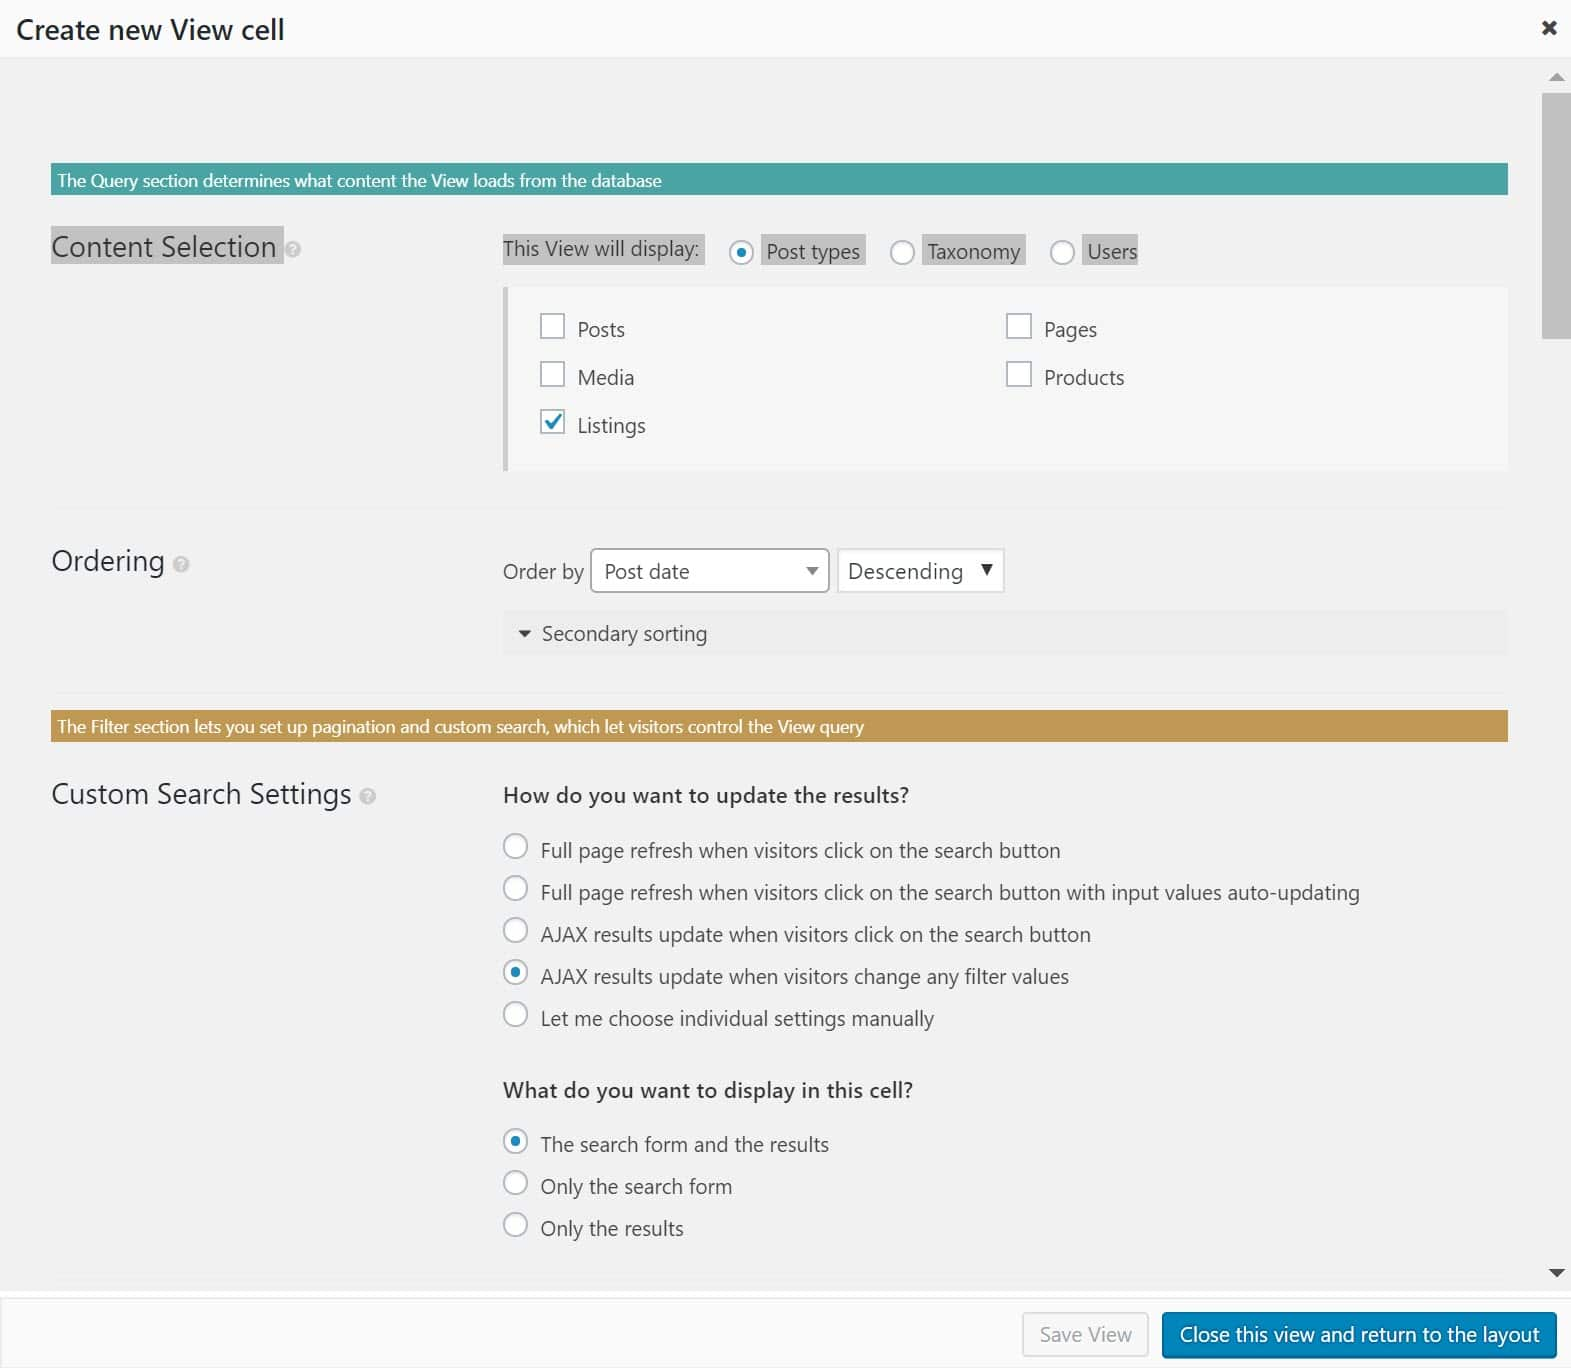 Configurações de pesquisa personalizadas